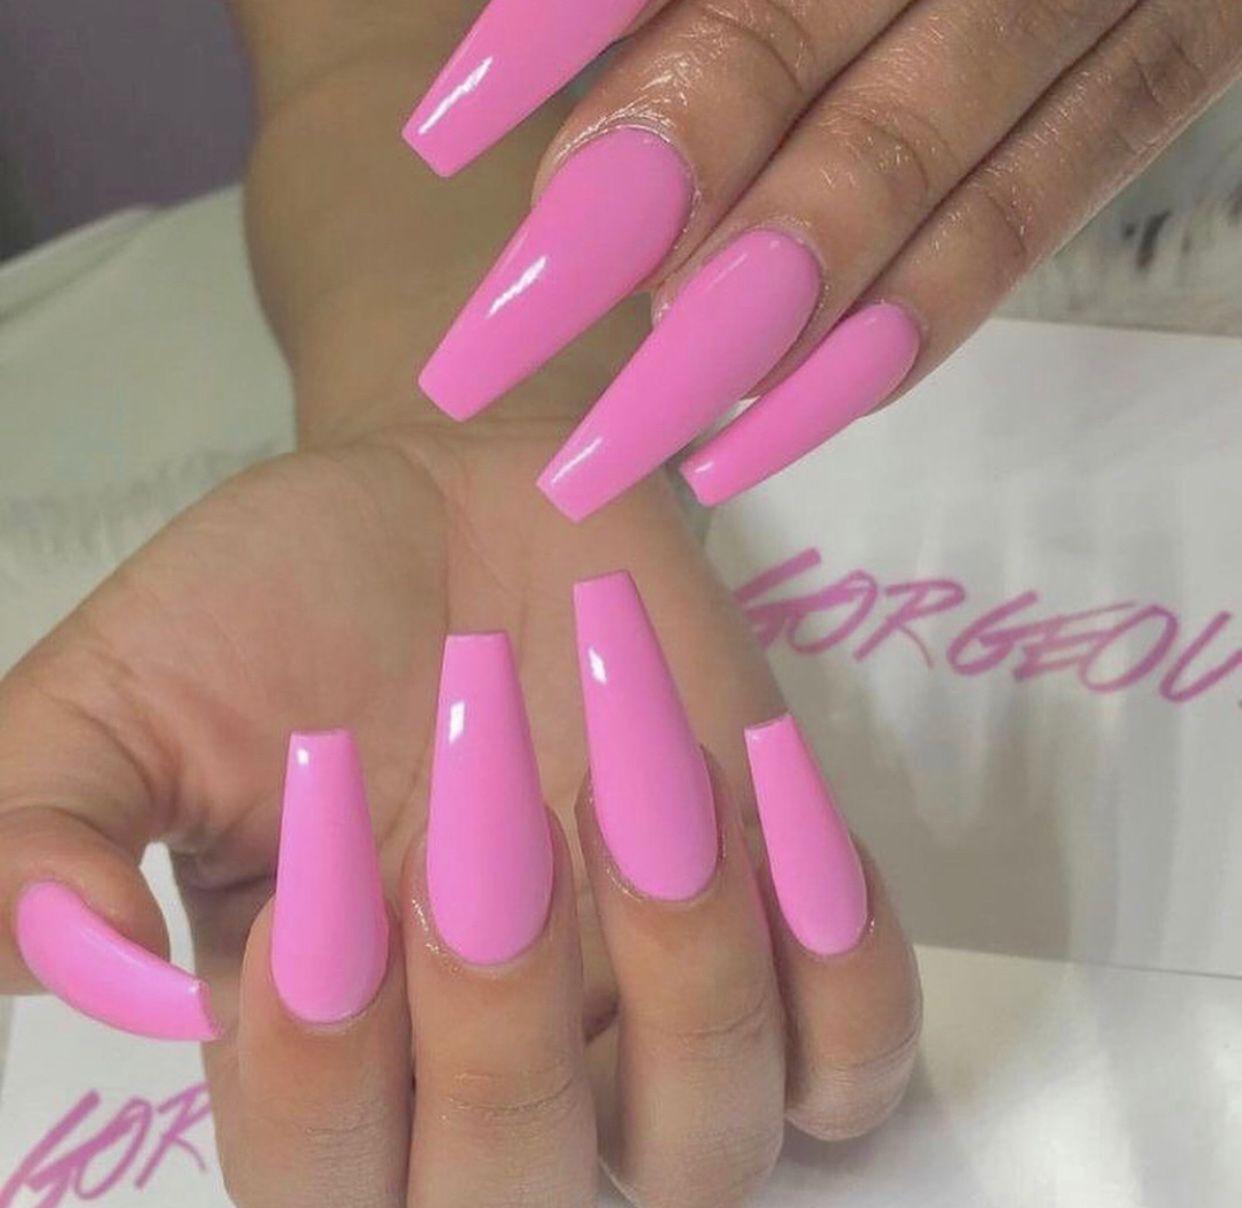 DIY NAILS in 2020 | Pink acrylic nails, Pink acrylic nail